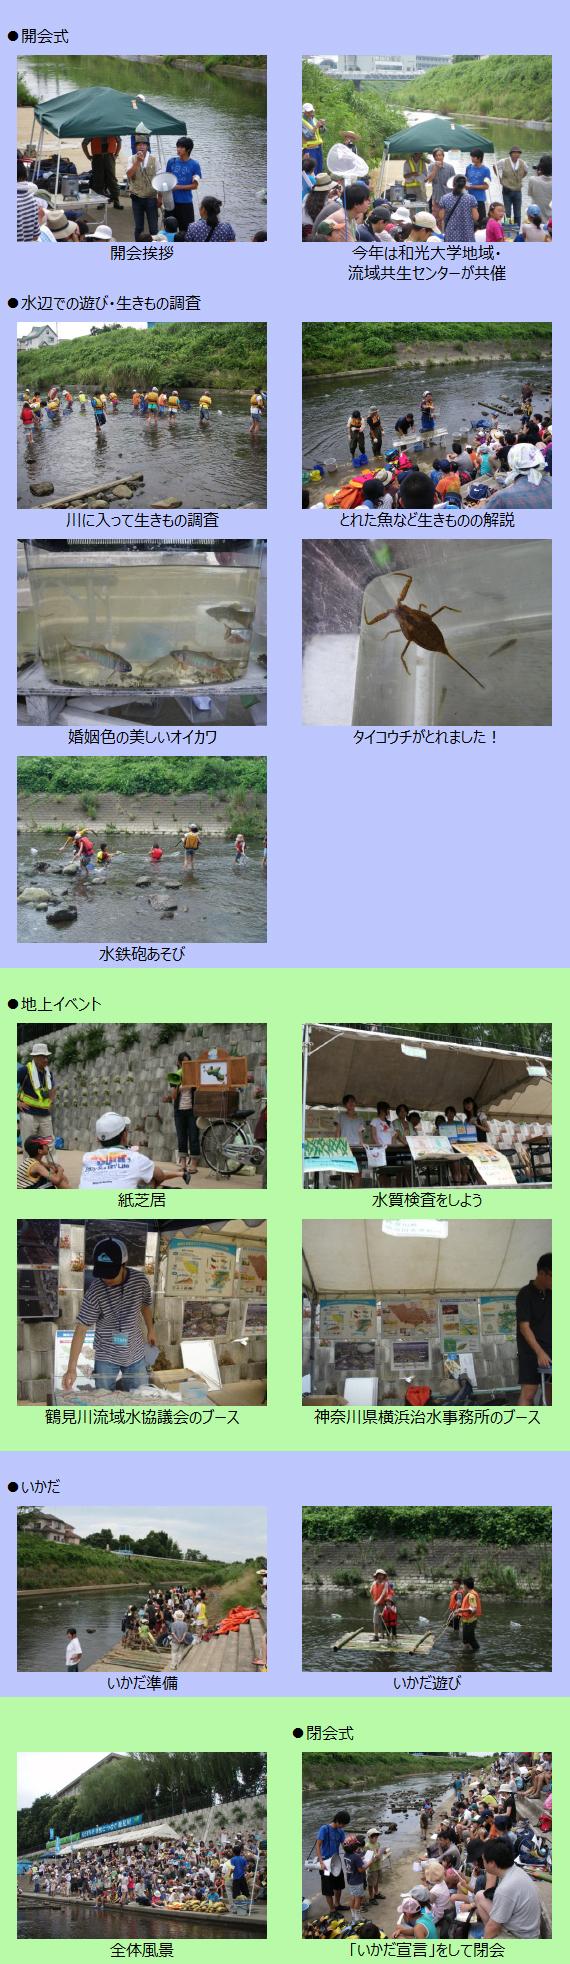 7/19 第21回いかだで遊ぼう谷本川2009